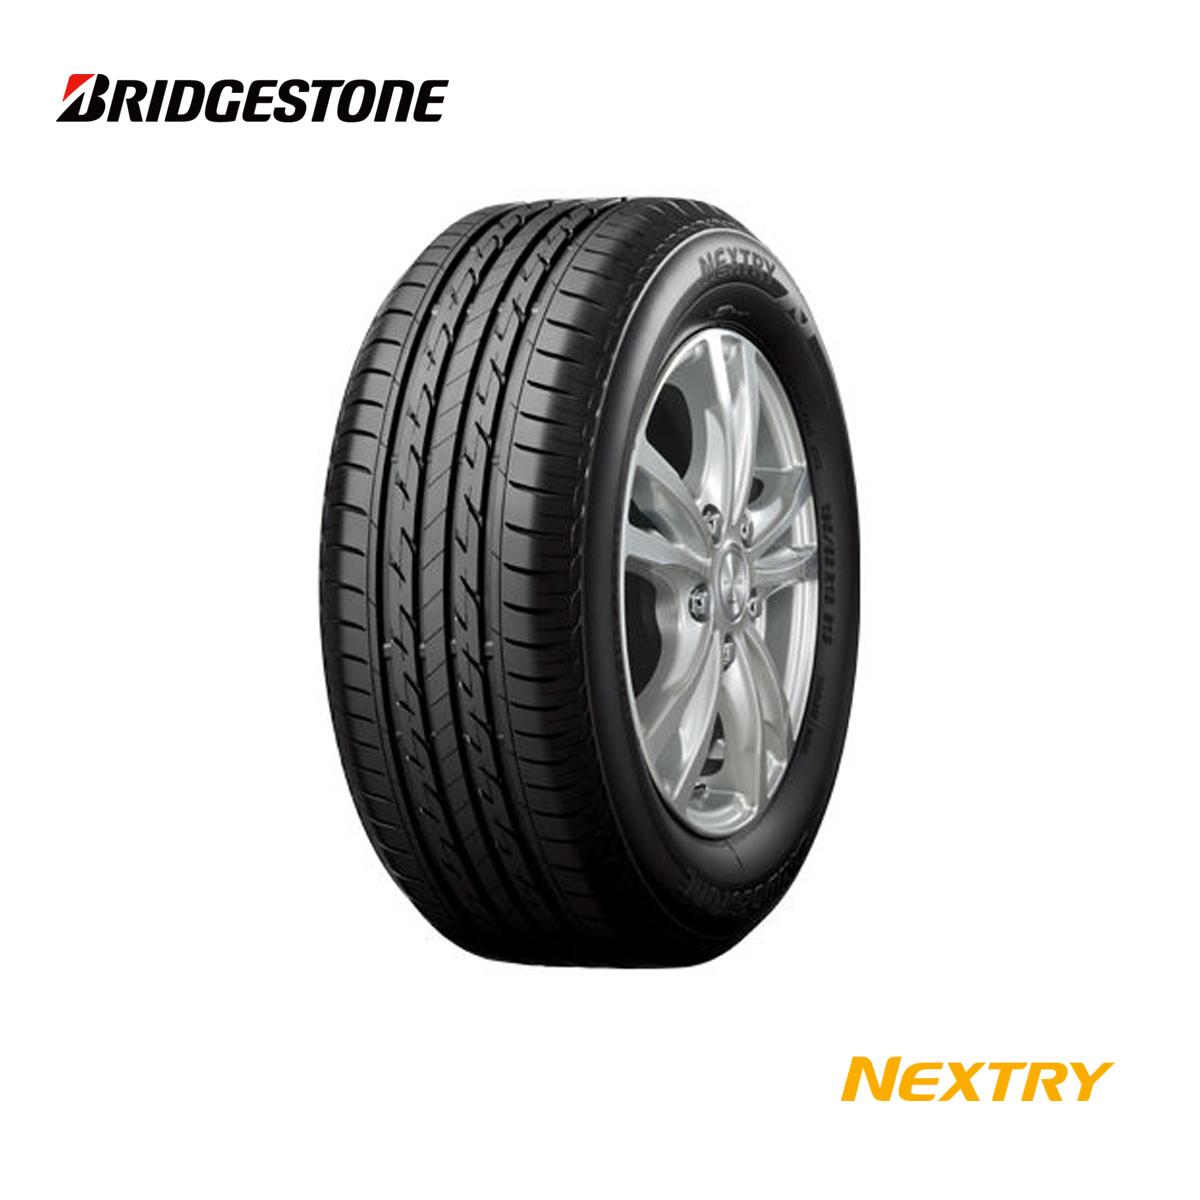 ブリヂストン 15インチ タイヤ 165/55R15 165 55 15 75V ネクストリー サマータイヤ 4本 75V 低燃費 エコ 夏 サマー タイヤ BRIDGESTONE NEXTRY